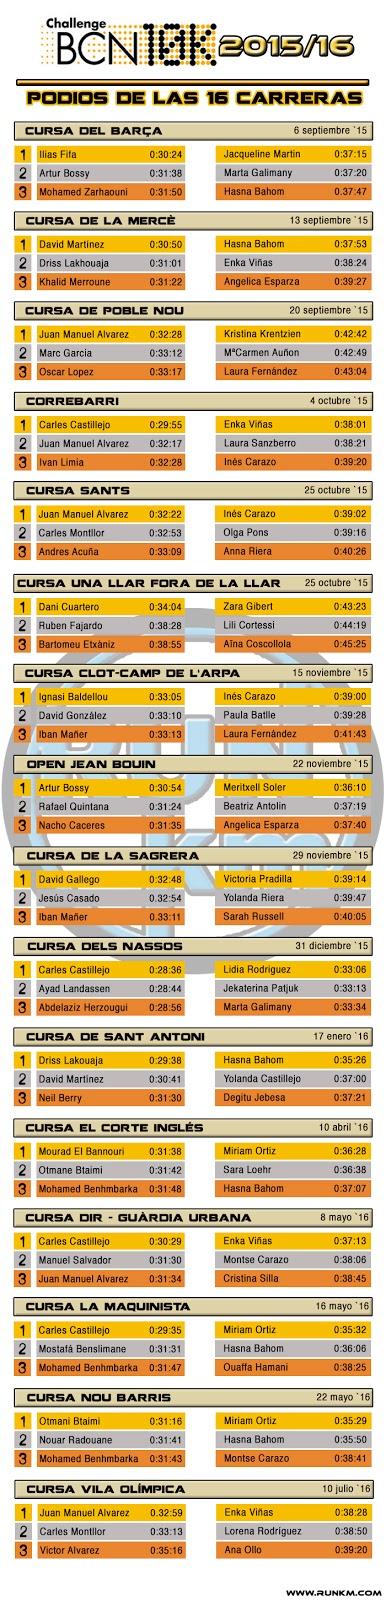 ChallengeBCN10k - Podios de las 16 carreras